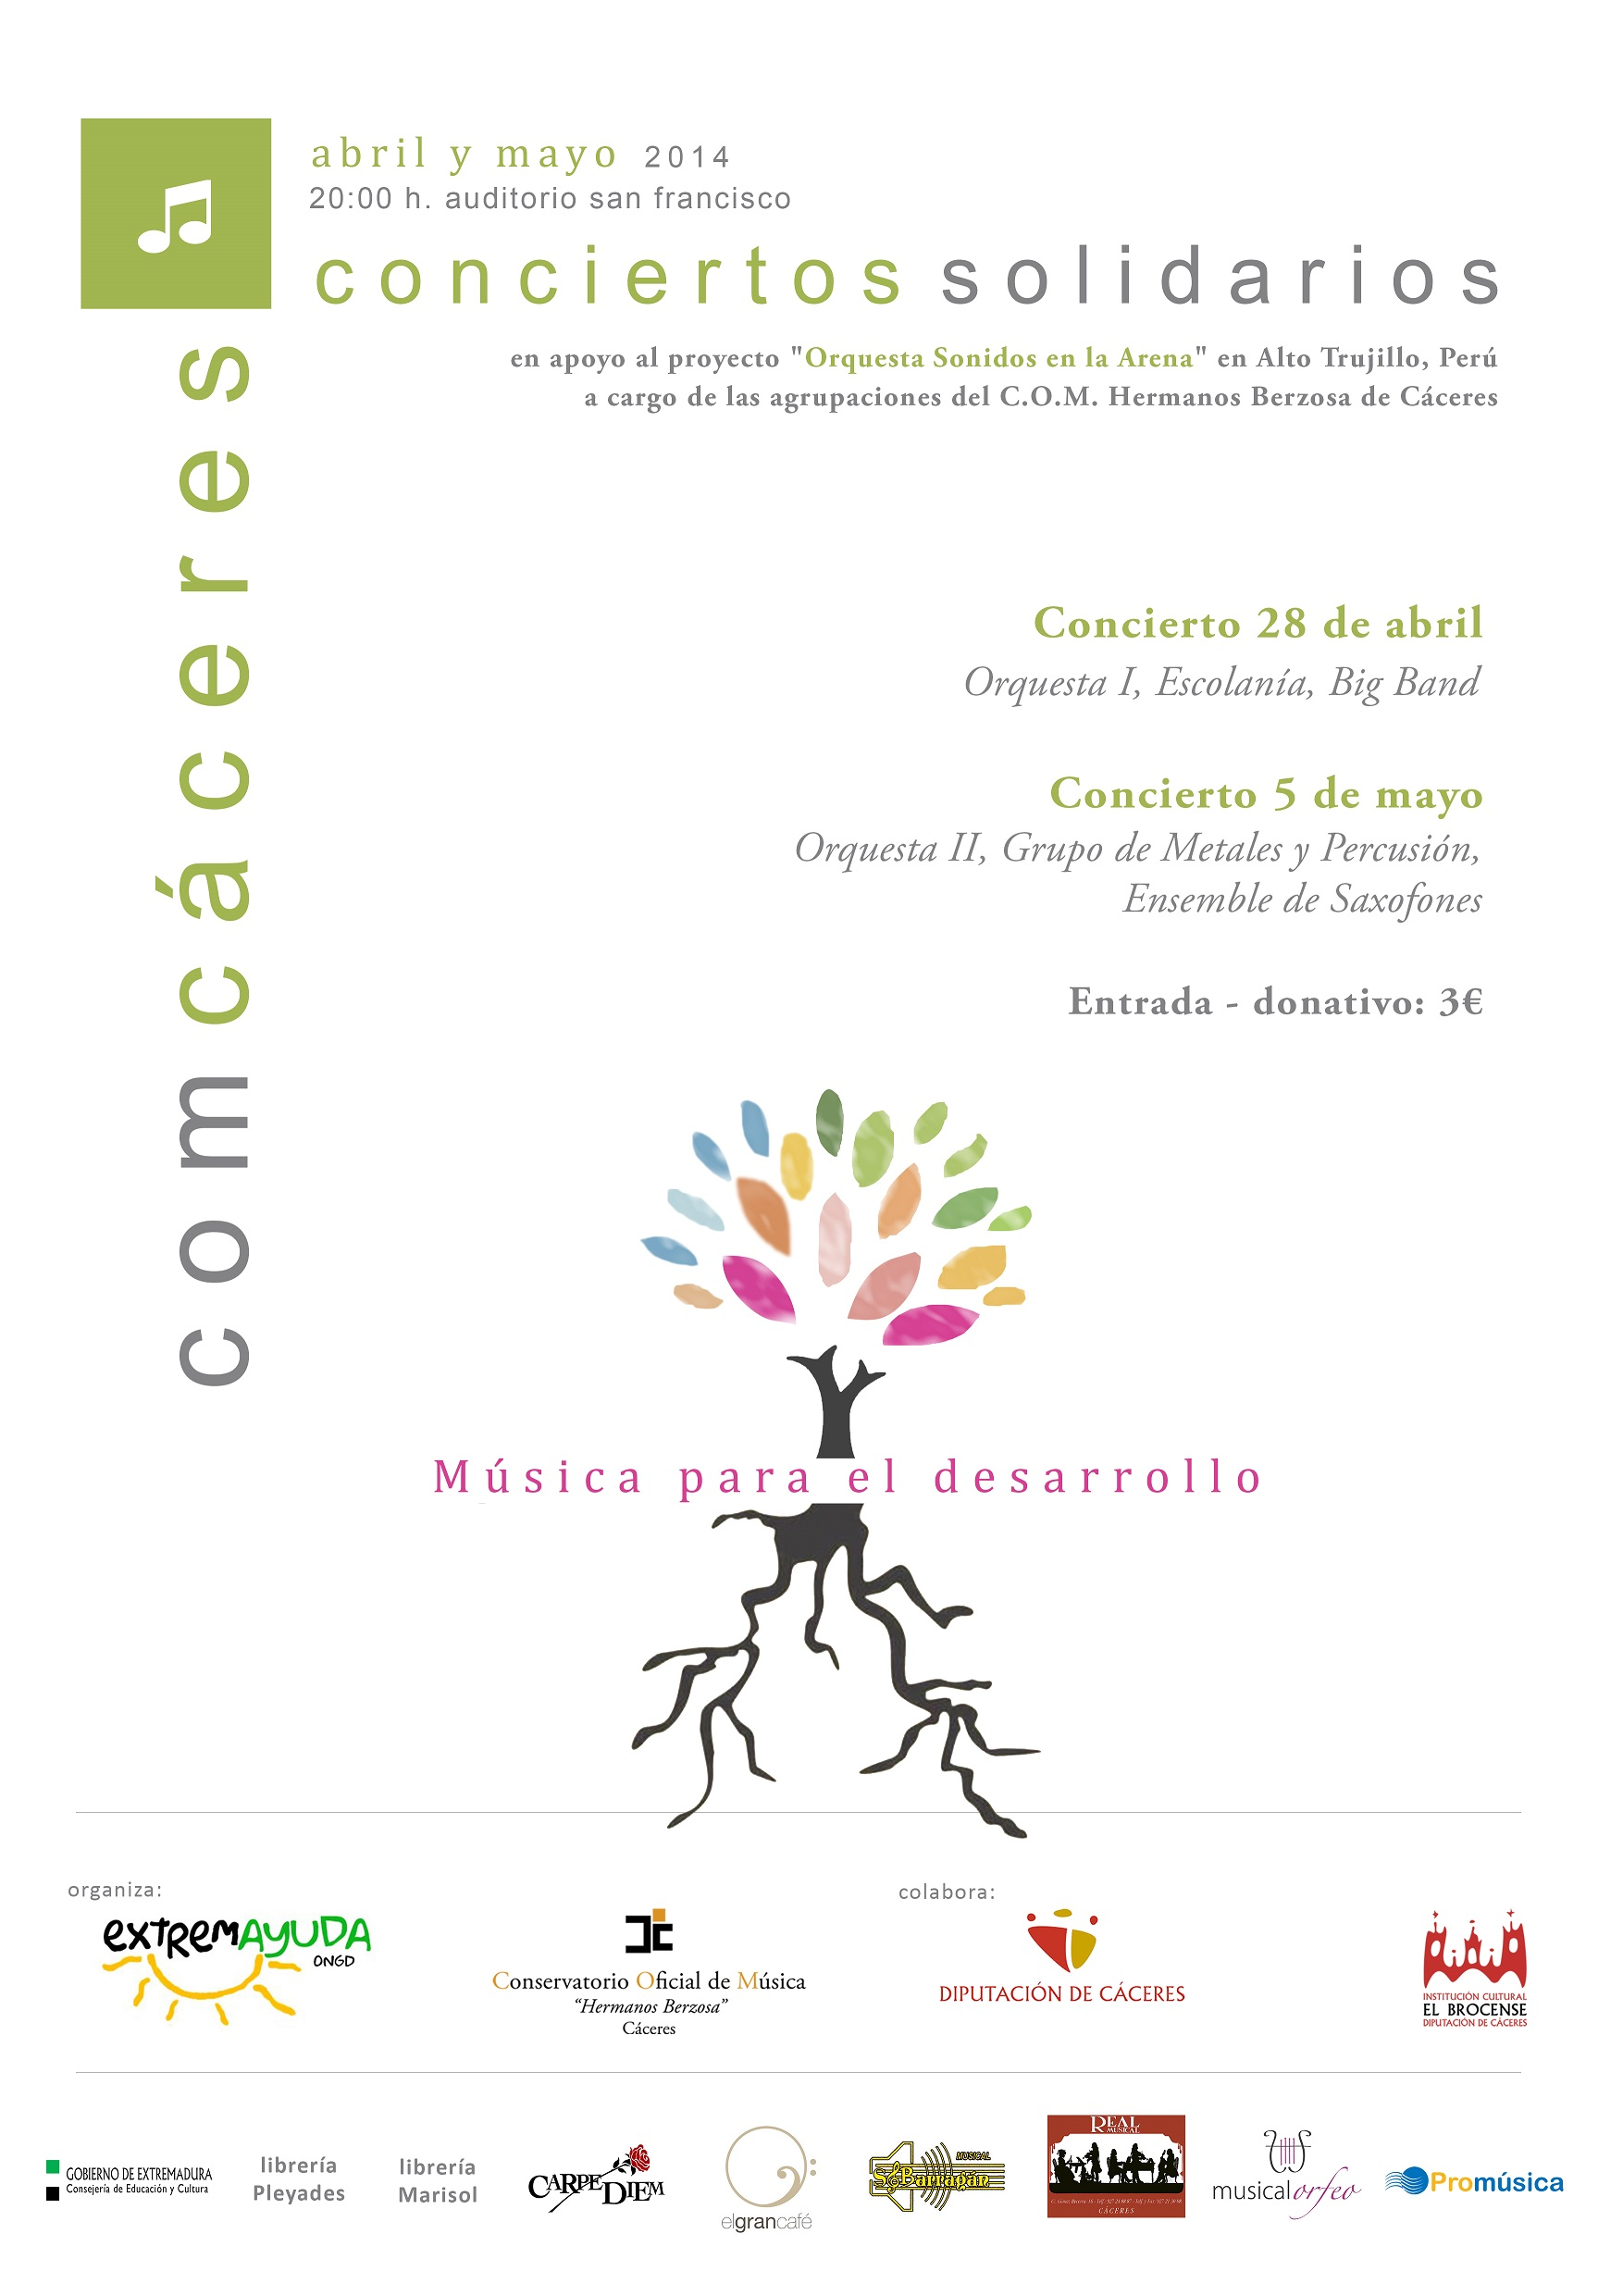 cartel-A3-conciertosolidario